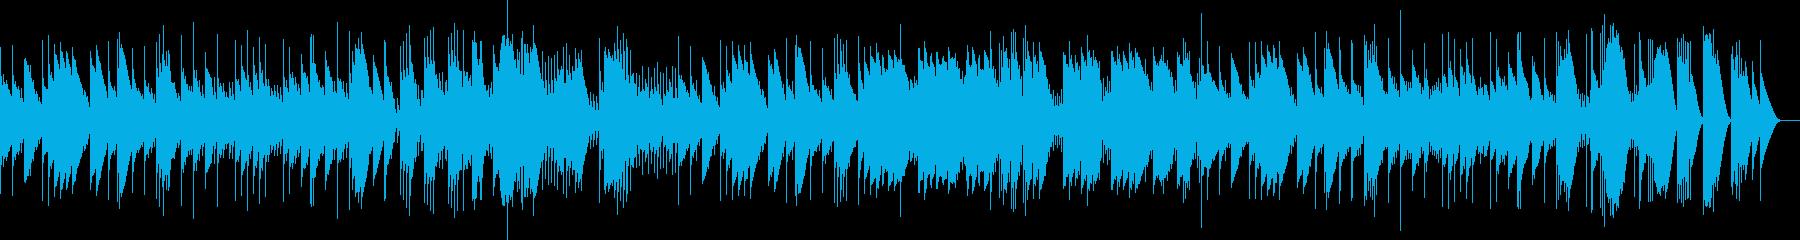 悲愴 第2楽章 フル尺(オルゴール)の再生済みの波形